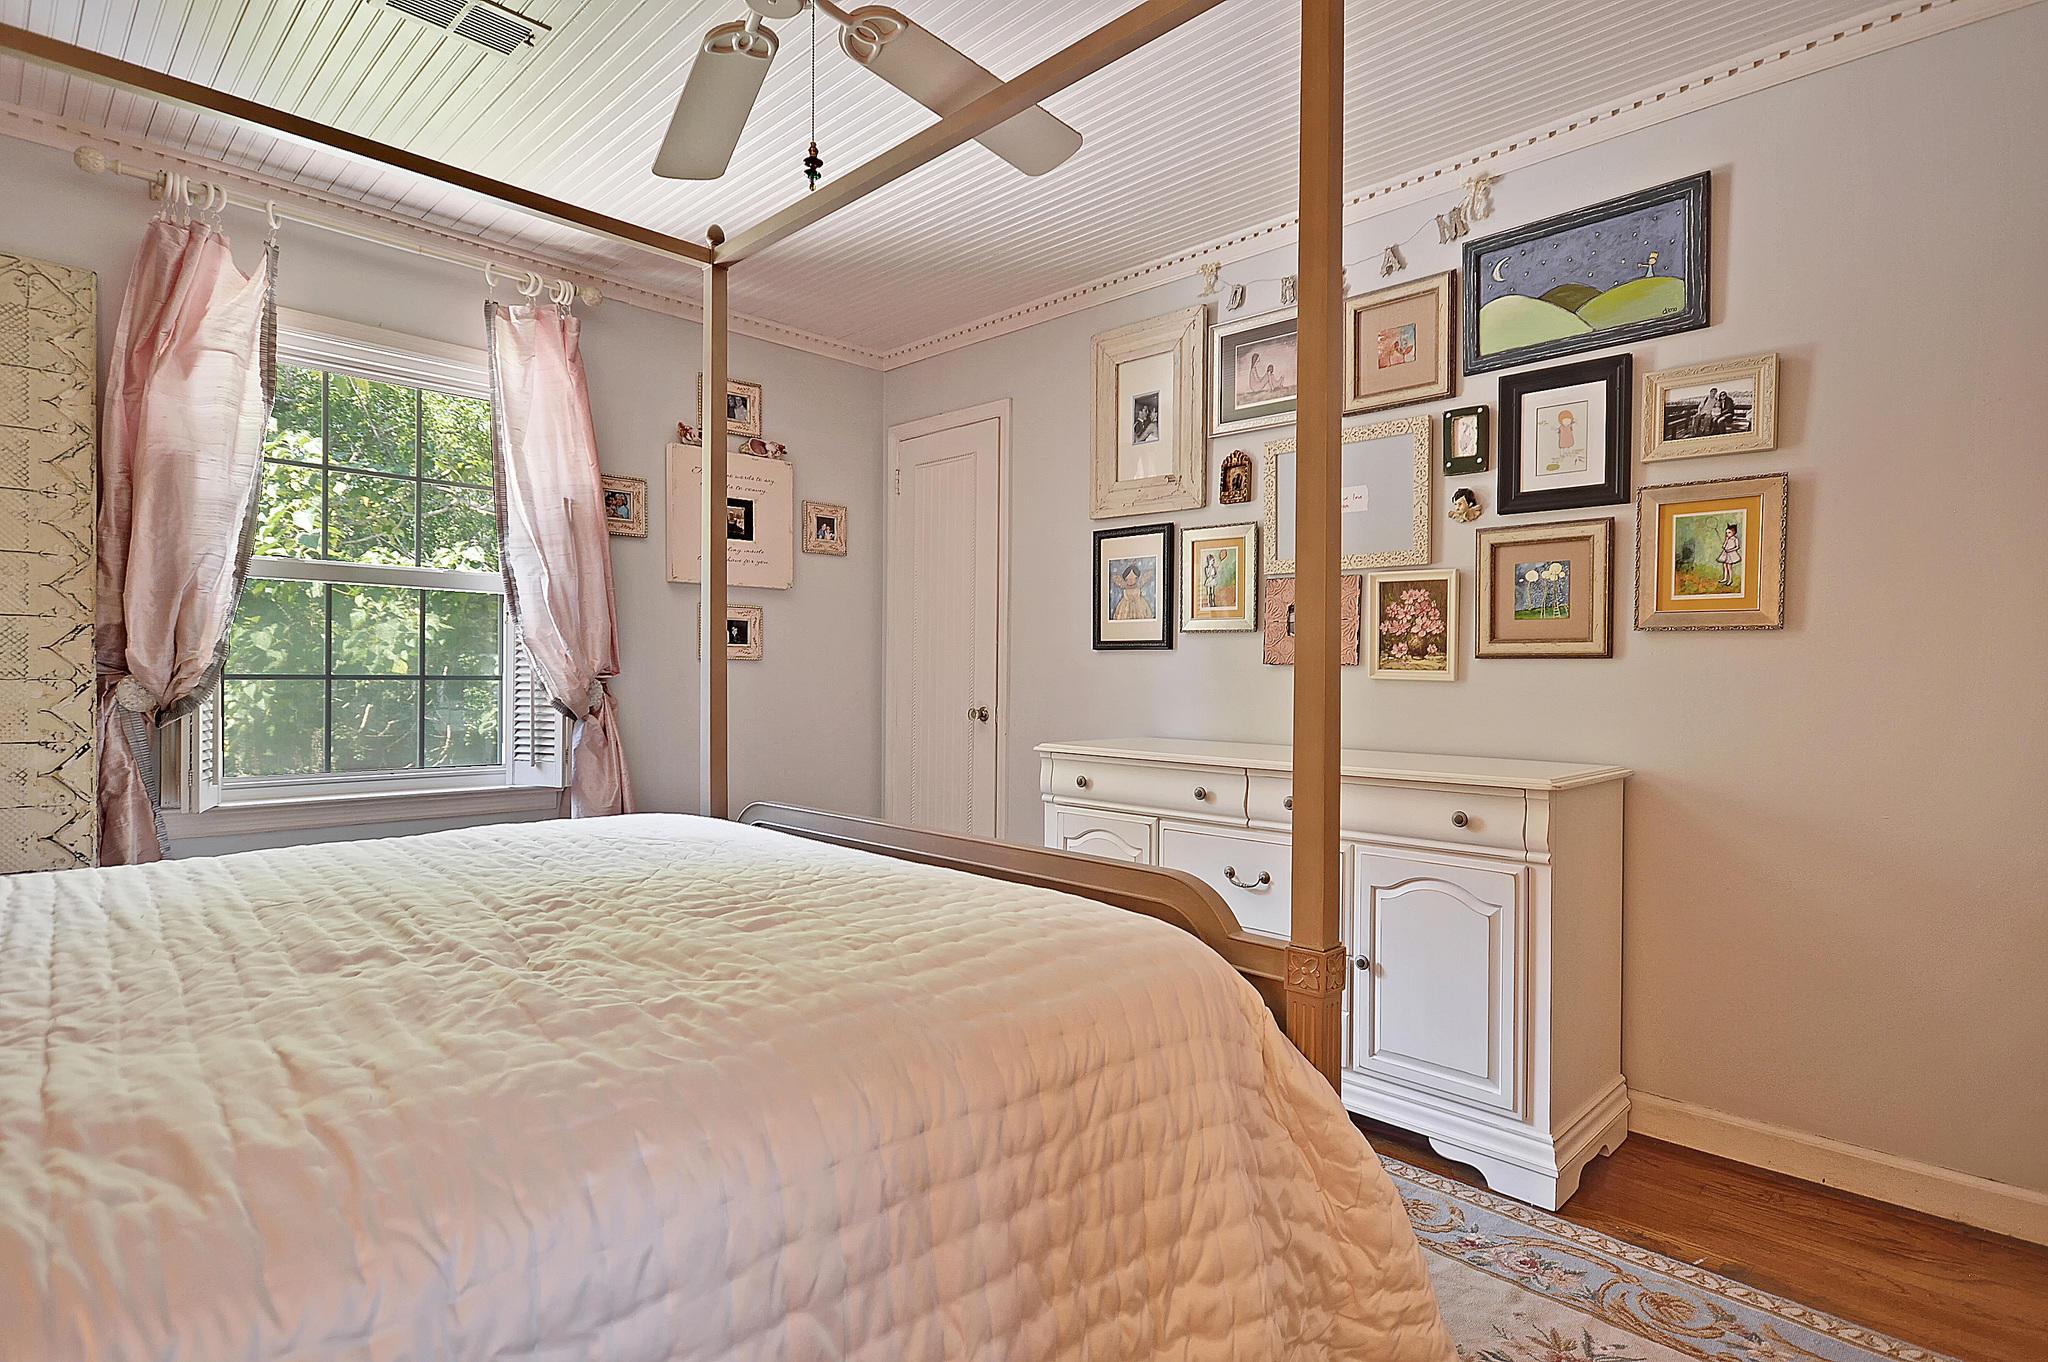 Parish Place Homes For Sale - 814 Abcaw, Mount Pleasant, SC - 6